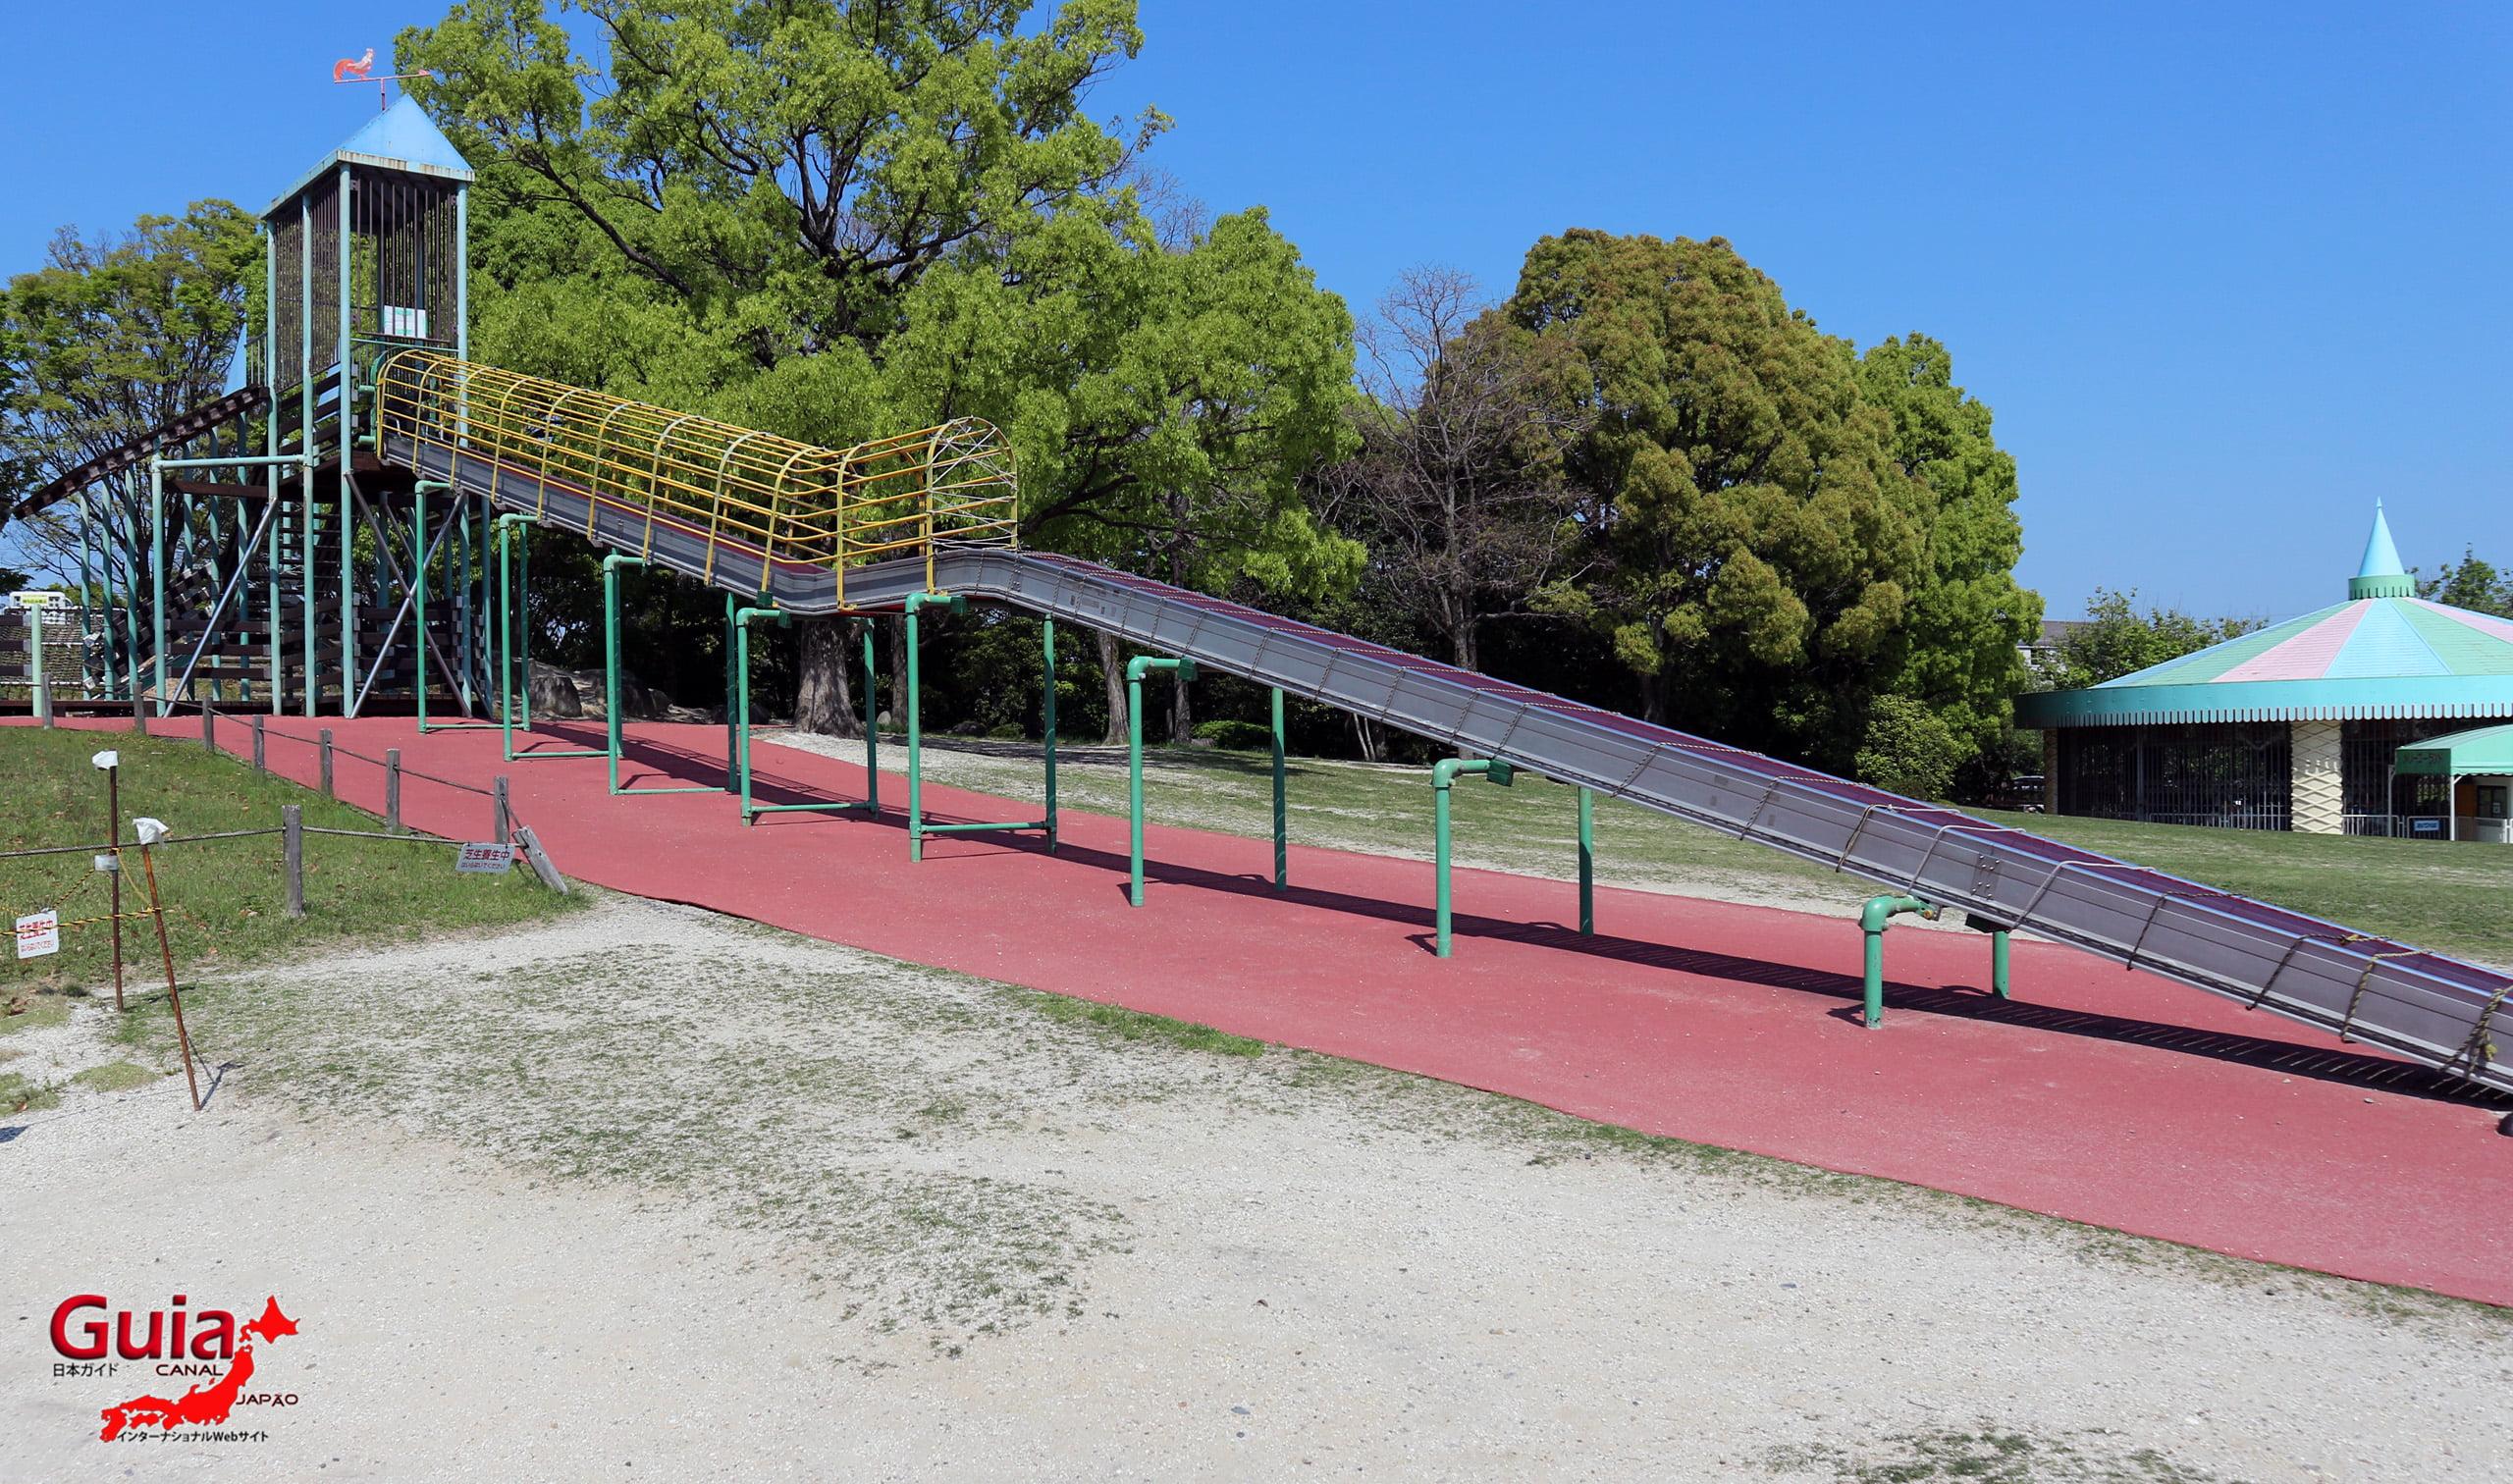 Horiuchi Park - Angel 19